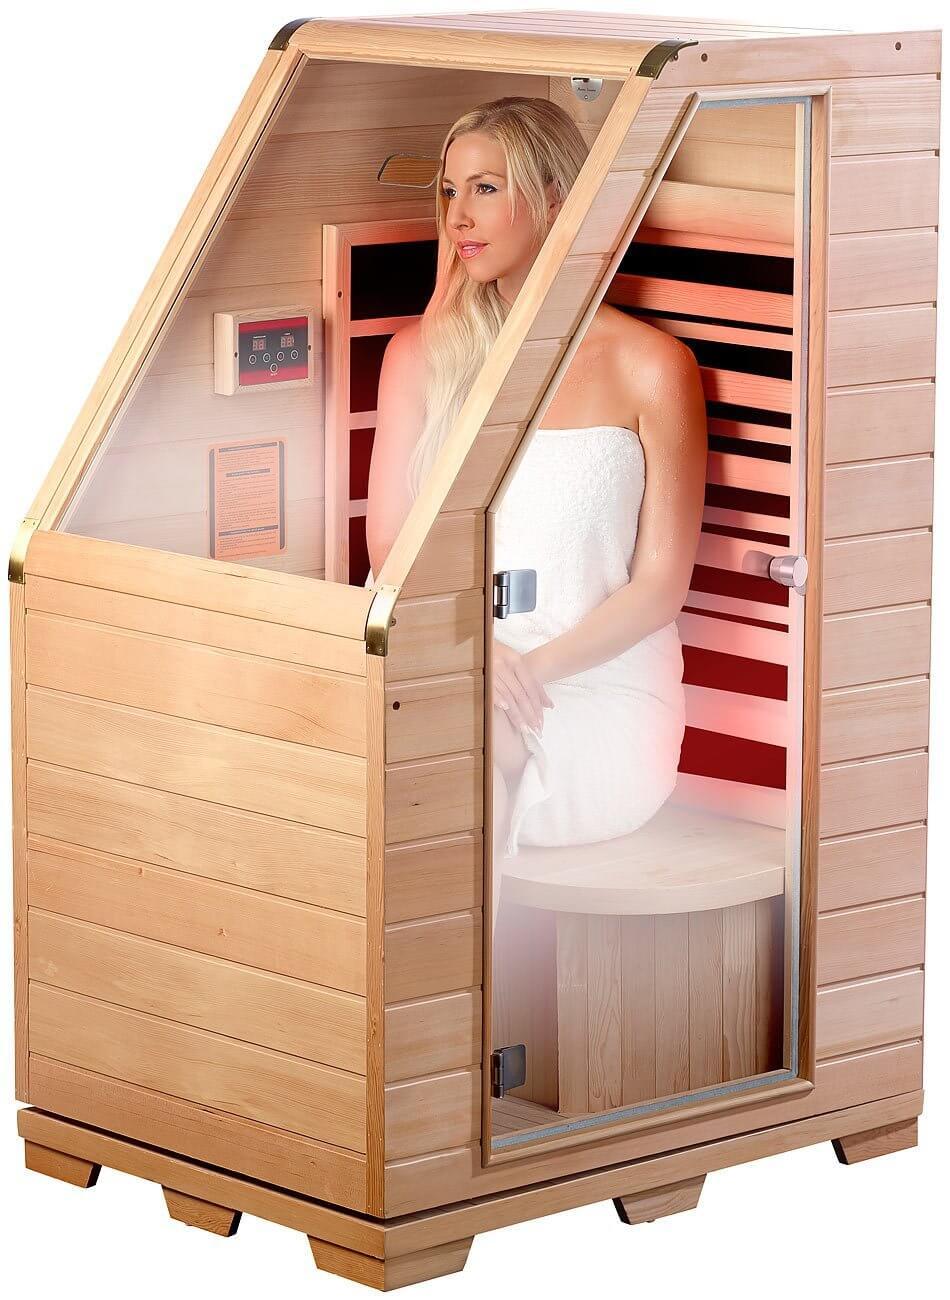 infrarotsauna guide die vorteile und nachteile. Black Bedroom Furniture Sets. Home Design Ideas